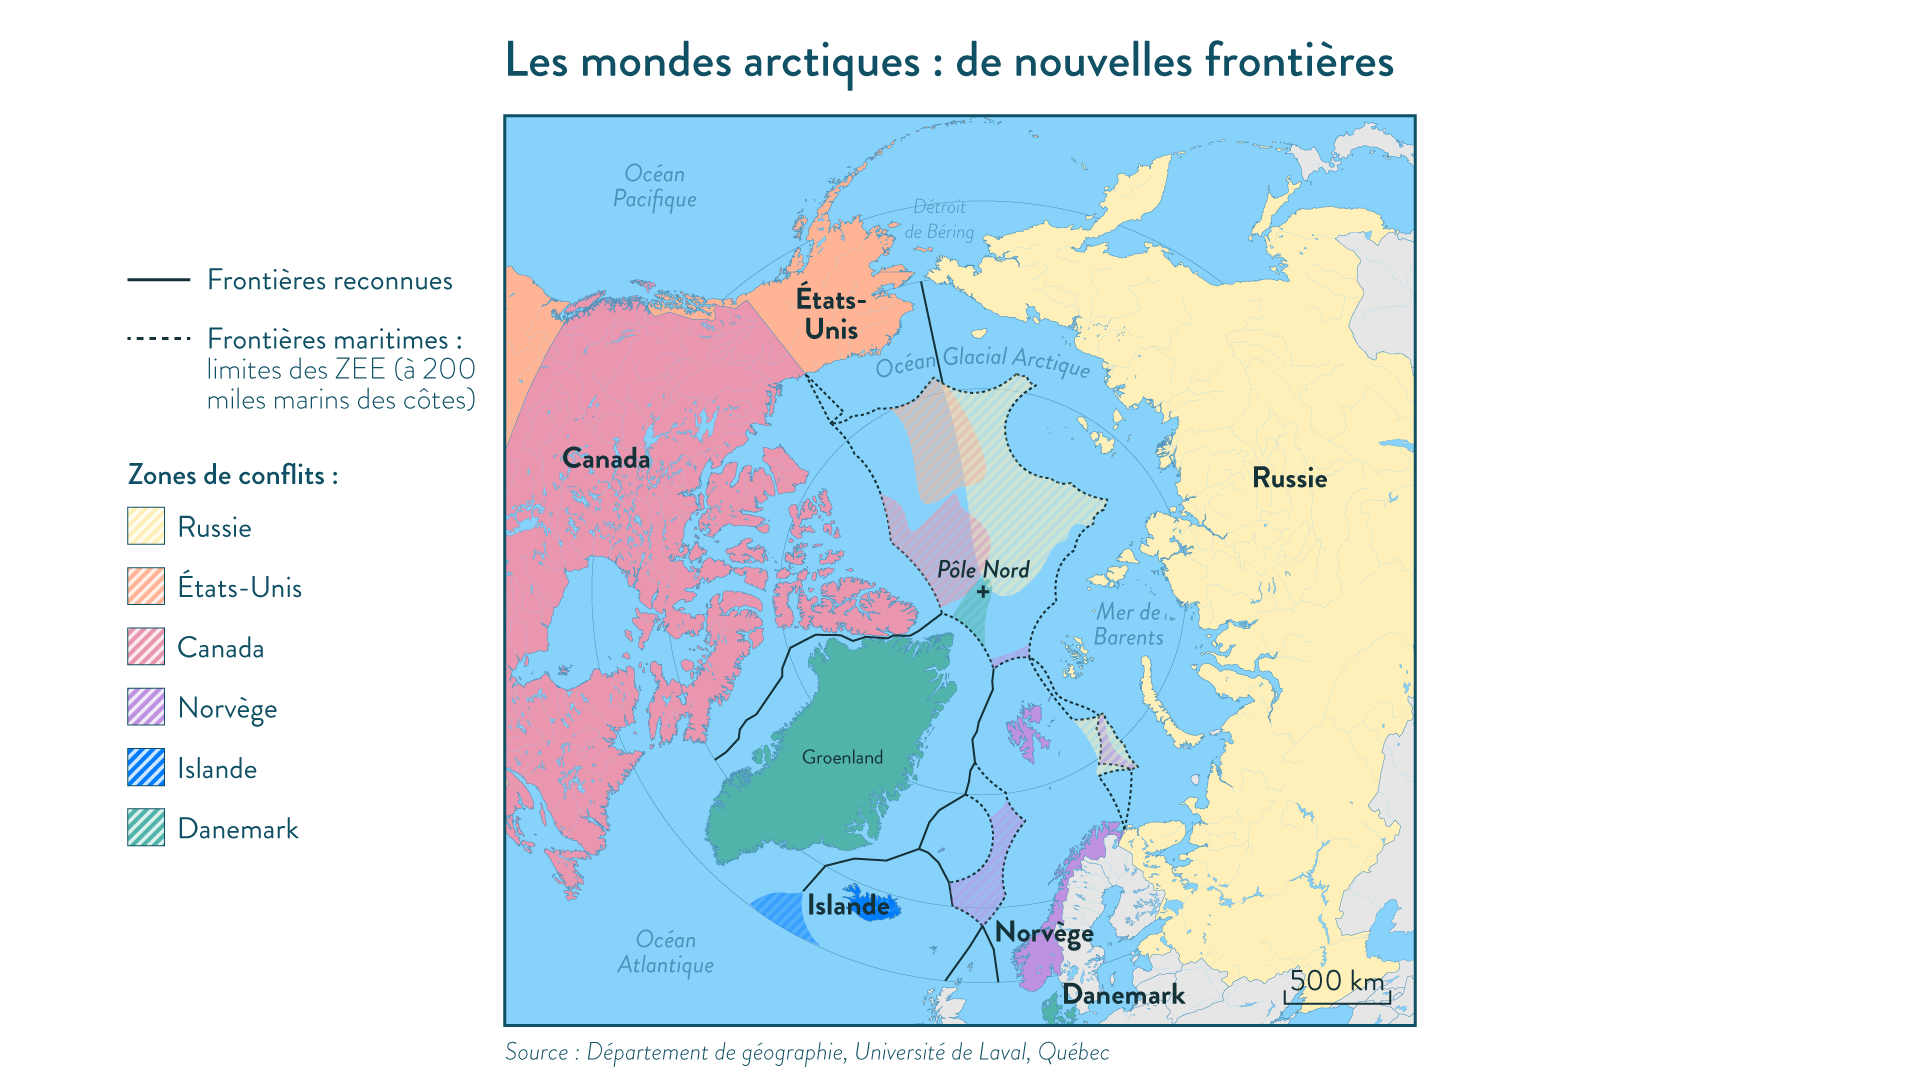 Les mondes arctiques : de nouvelles frontières